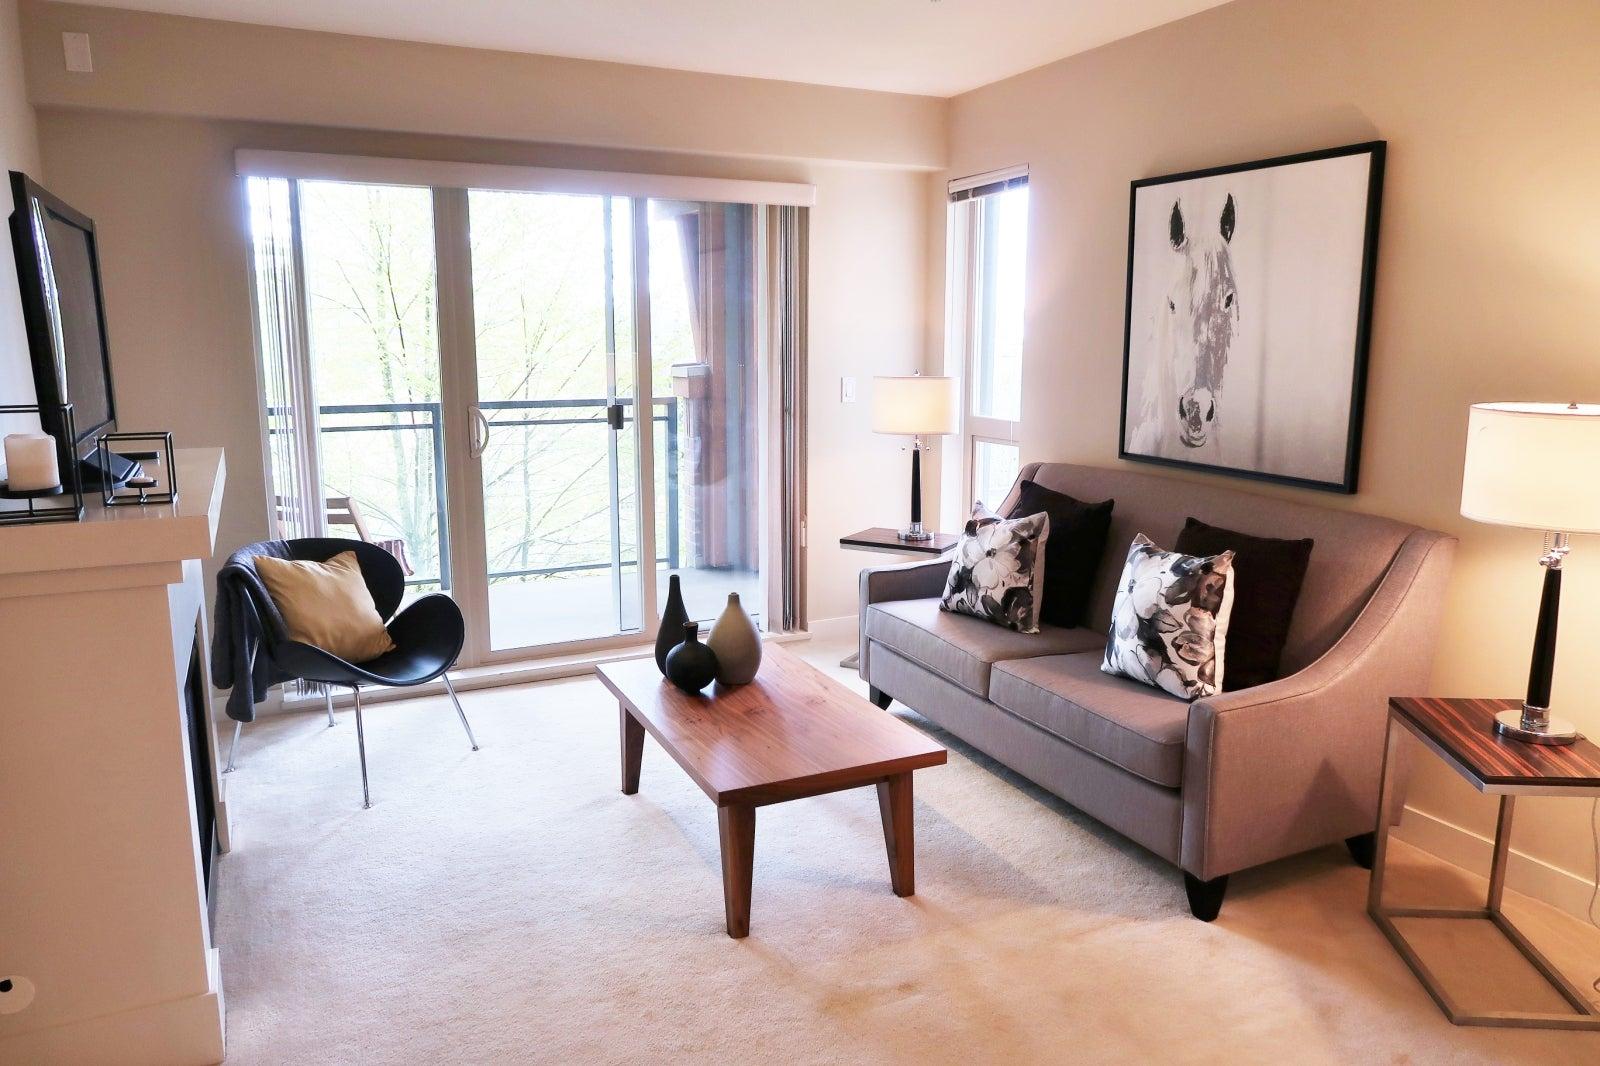 314 1633 MACKAY AVENUE - Pemberton NV Apartment/Condo for sale, 1 Bedroom (R2148211) #10